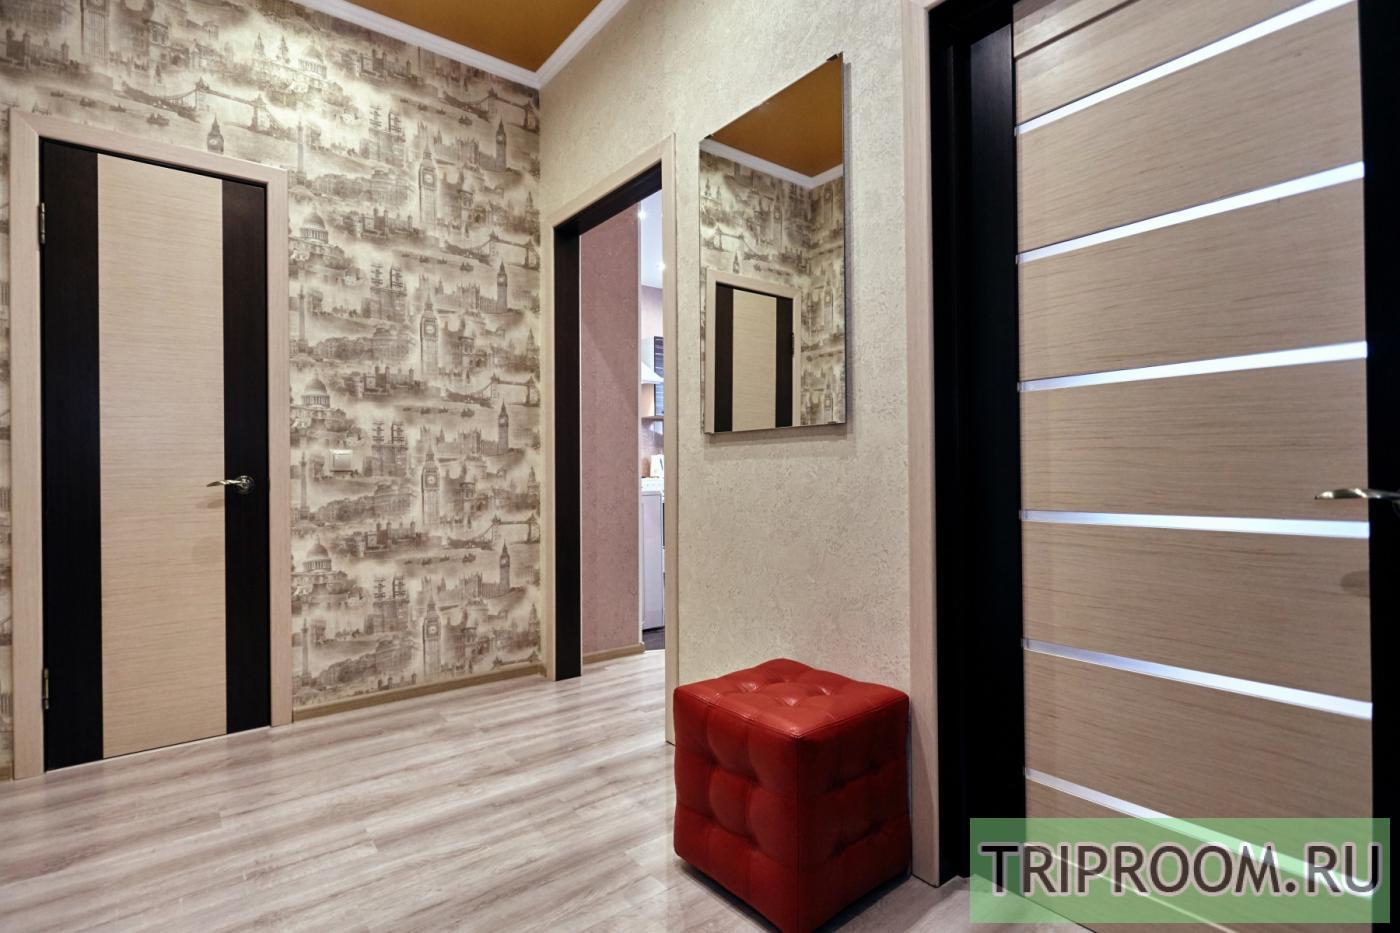 1-комнатная квартира посуточно (вариант № 32406), ул. Казбекская улица, фото № 8